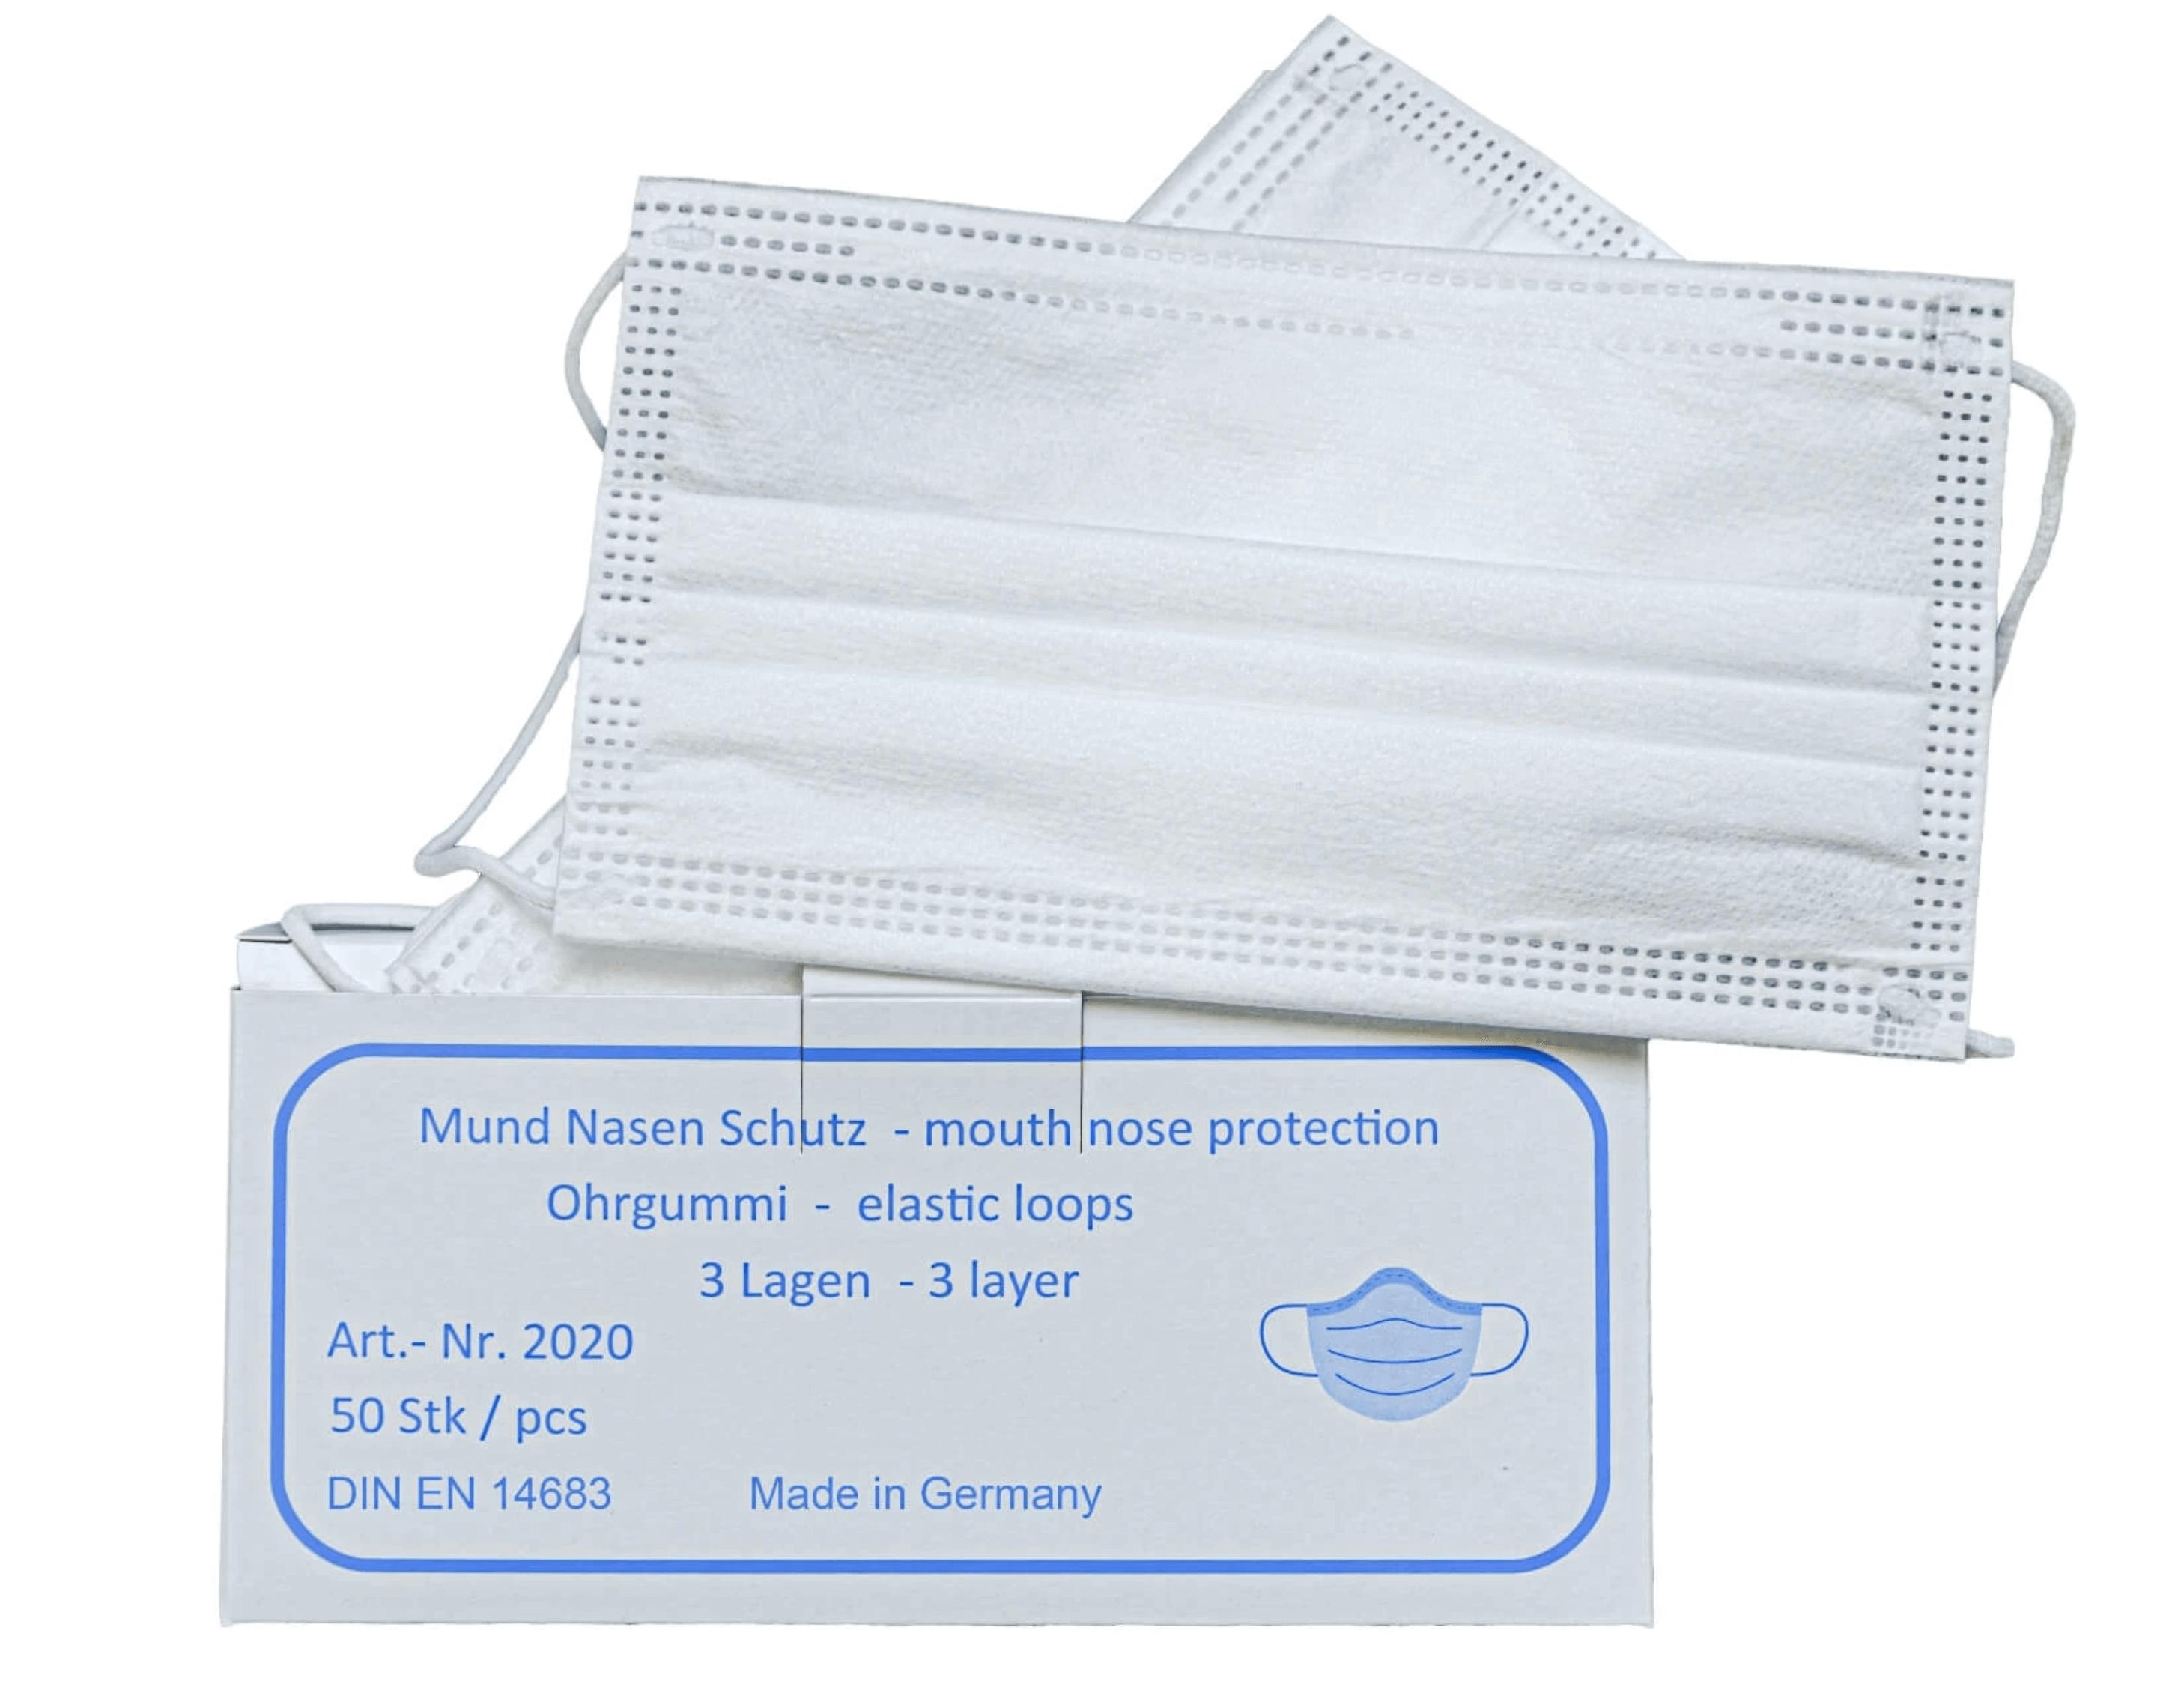 Einwegmasken aus Vliesstoff made in Germany - geprüft nach DIN EN 14683 Typ I